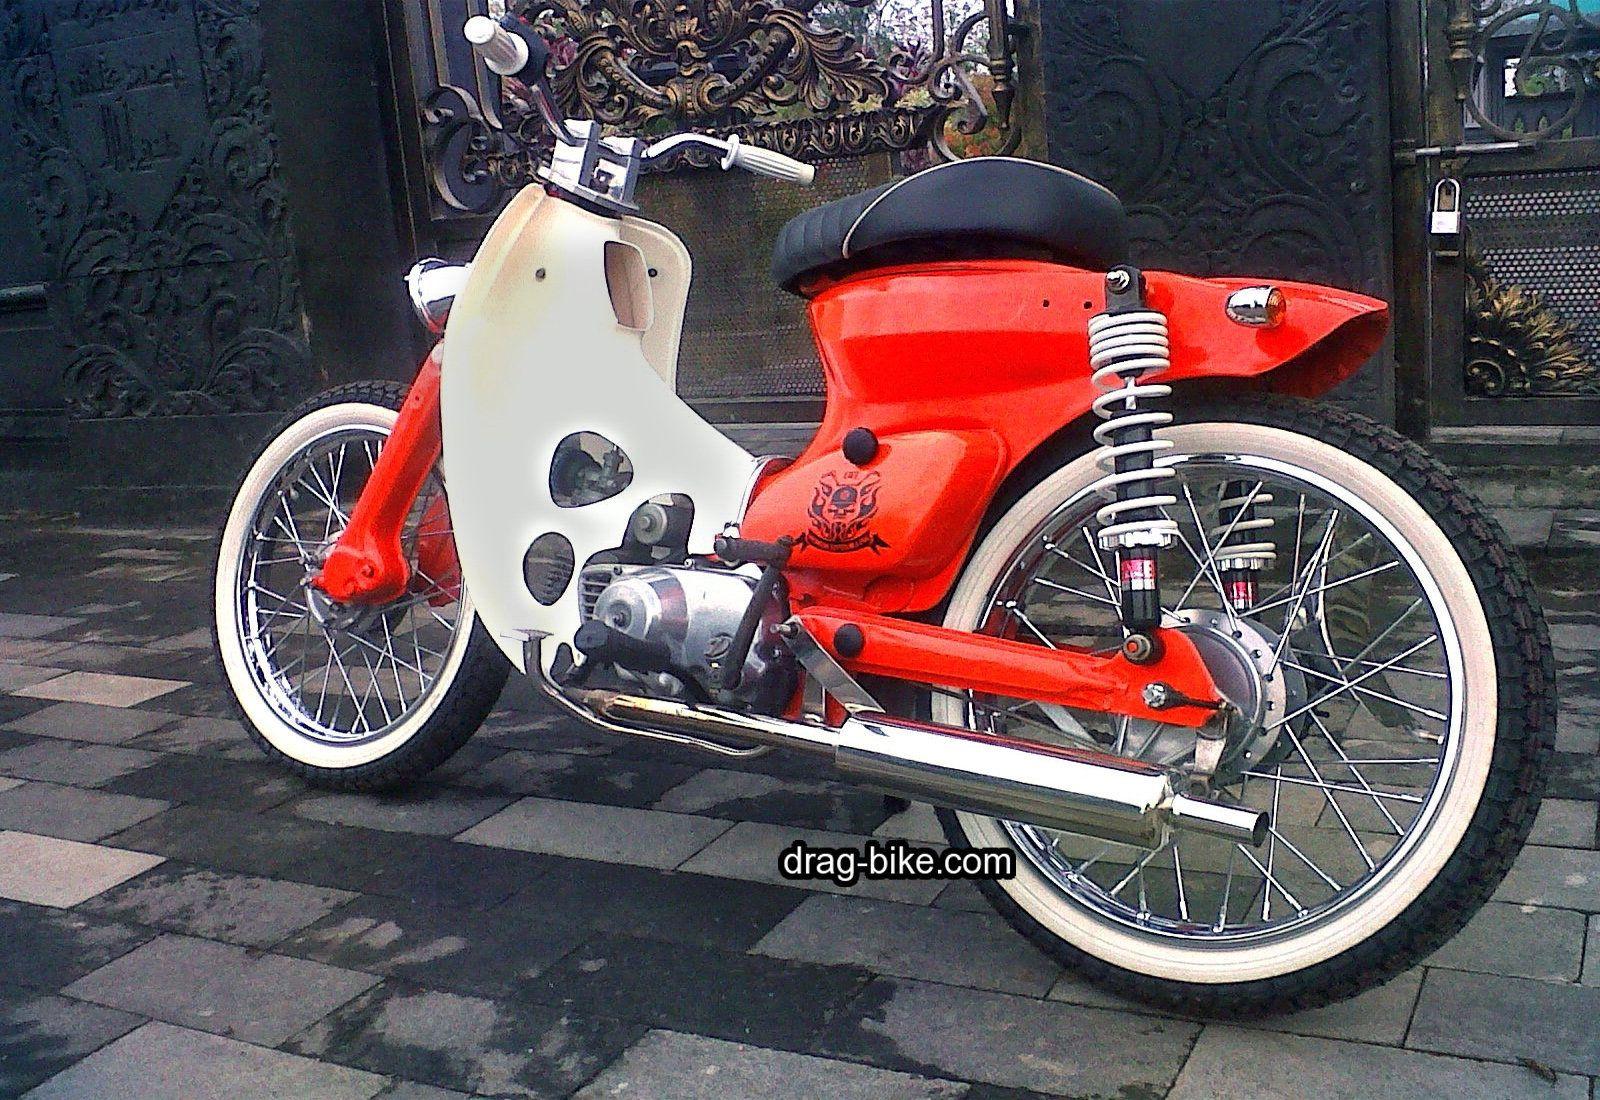 Gambar Modifikasi C70 Bali Doc Pinterest Choppers Drag Bike